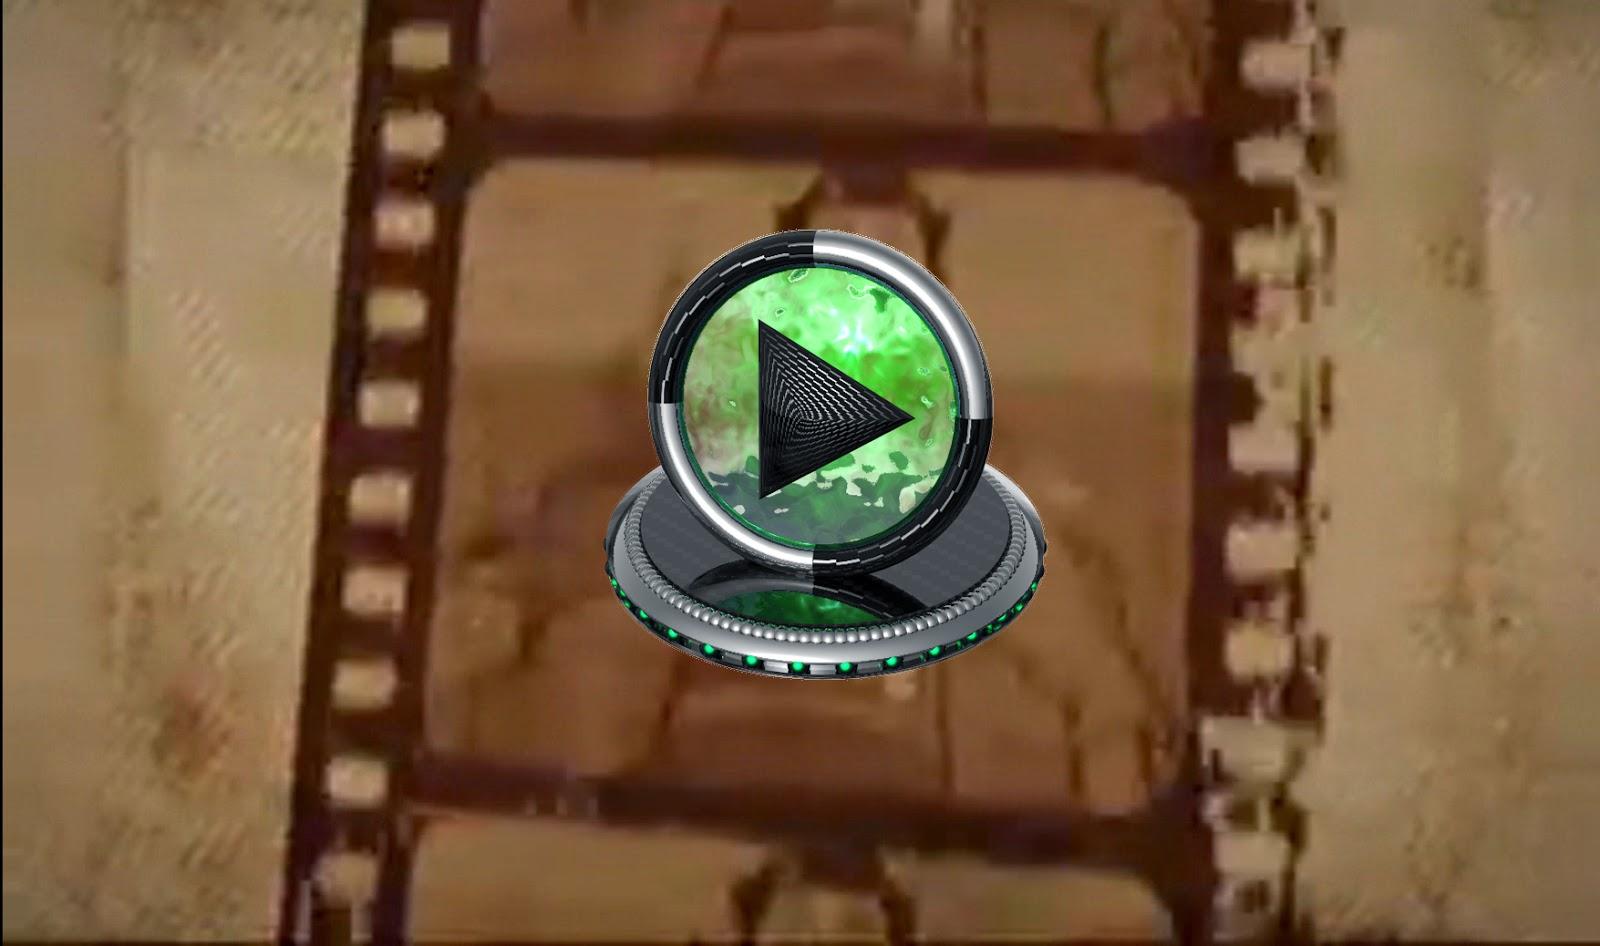 http://theultimatevideos.blogspot.com/2015/04/ben-10-acceso-total-segunda-edicao.html